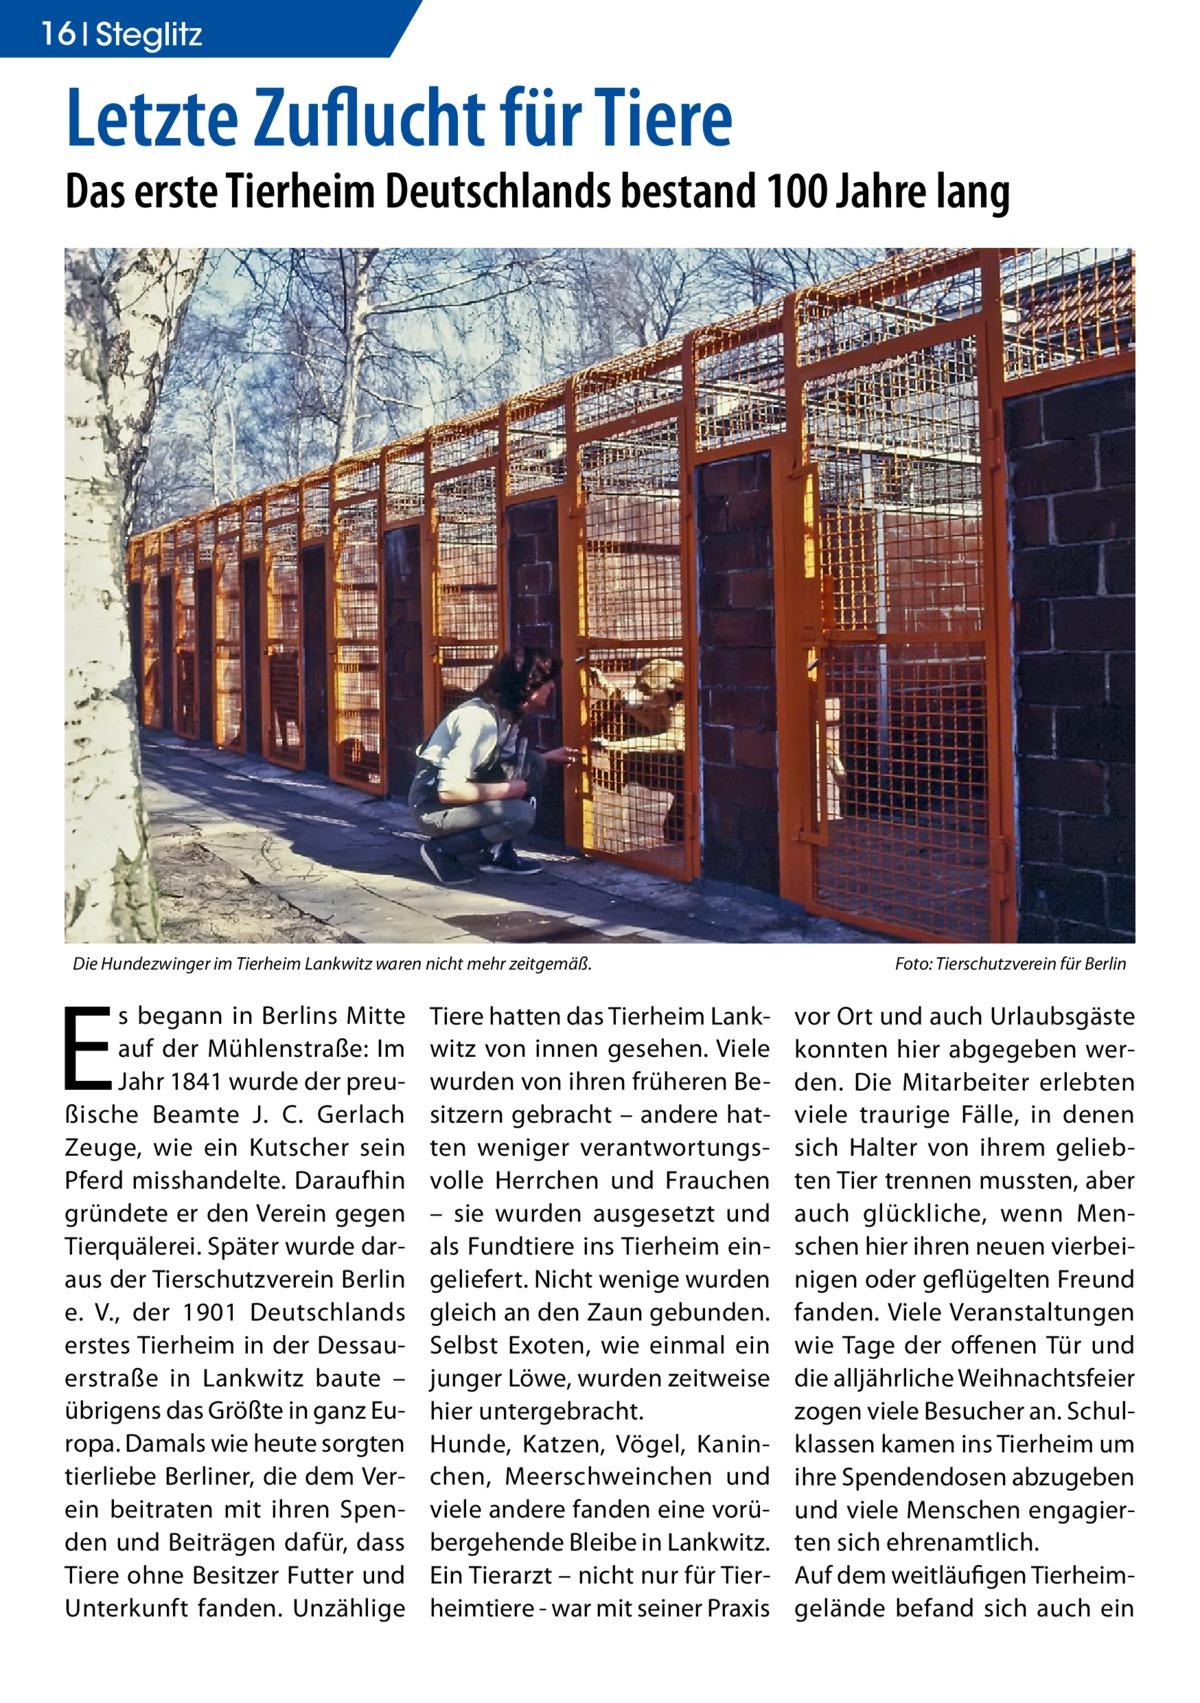 16 Ratgeber Steglitz  Letzte Zuflucht für Tiere  Das erste Tierheim Deutschlands bestand 100 Jahre lang  Die Hundezwinger im Tierheim Lankwitz waren nicht mehr zeitgemäß.�  E  s begann in Berlins Mitte auf der Mühlenstraße: Im Jahr 1841 wurde der preußische Beamte J. C. Gerlach Zeuge, wie ein Kutscher sein Pferd misshandelte. Daraufhin gründete er den Verein gegen Tierquälerei. Später wurde daraus der Tierschutzverein Berlin e. V., der 1901 Deutschlands erstes Tierheim in der Dessauerstraße in Lankwitz baute – übrigens das Größte in ganz Europa. Damals wie heute sorgten tierliebe Berliner, die dem Verein beitraten mit ihren Spenden und Beiträgen dafür, dass Tiere ohne Besitzer Futter und Unterkunft fanden. Unzählige  Tiere hatten das Tierheim Lankwitz von innen gesehen. Viele wurden von ihren früheren Besitzern gebracht – andere hatten weniger verantwortungsvolle Herrchen und Frauchen – sie wurden ausgesetzt und als Fundtiere ins Tierheim eingeliefert. Nicht wenige wurden gleich an den Zaun gebunden. Selbst Exoten, wie einmal ein junger Löwe, wurden zeitweise hier untergebracht. Hunde, Katzen, Vögel, Kaninchen, Meerschweinchen und viele andere fanden eine vorübergehende Bleibe in Lankwitz. Ein Tierarzt – nicht nur für Tierheimtiere - war mit seiner Praxis  Foto: Tierschutzverein für Berlin  vor Ort und auch Urlaubsgäste konnten hier abgegeben werden. Die Mitarbeiter erlebten viele traurige Fälle, in denen sich Halter von ihrem geliebten Tier trennen mussten, aber auch glückliche, wenn Menschen hier ihren neuen vierbeinigen oder geflügelten Freund fanden. Viele Veranstaltungen wie Tage der offenen Tür und die alljährliche Weihnachtsfeier zogen viele Besucher an. Schulklassen kamen ins Tierheim um ihre Spendendosen abzugeben und viele Menschen engagierten sich ehrenamtlich. Auf dem weitläufigen Tierheimgelände befand sich auch ein